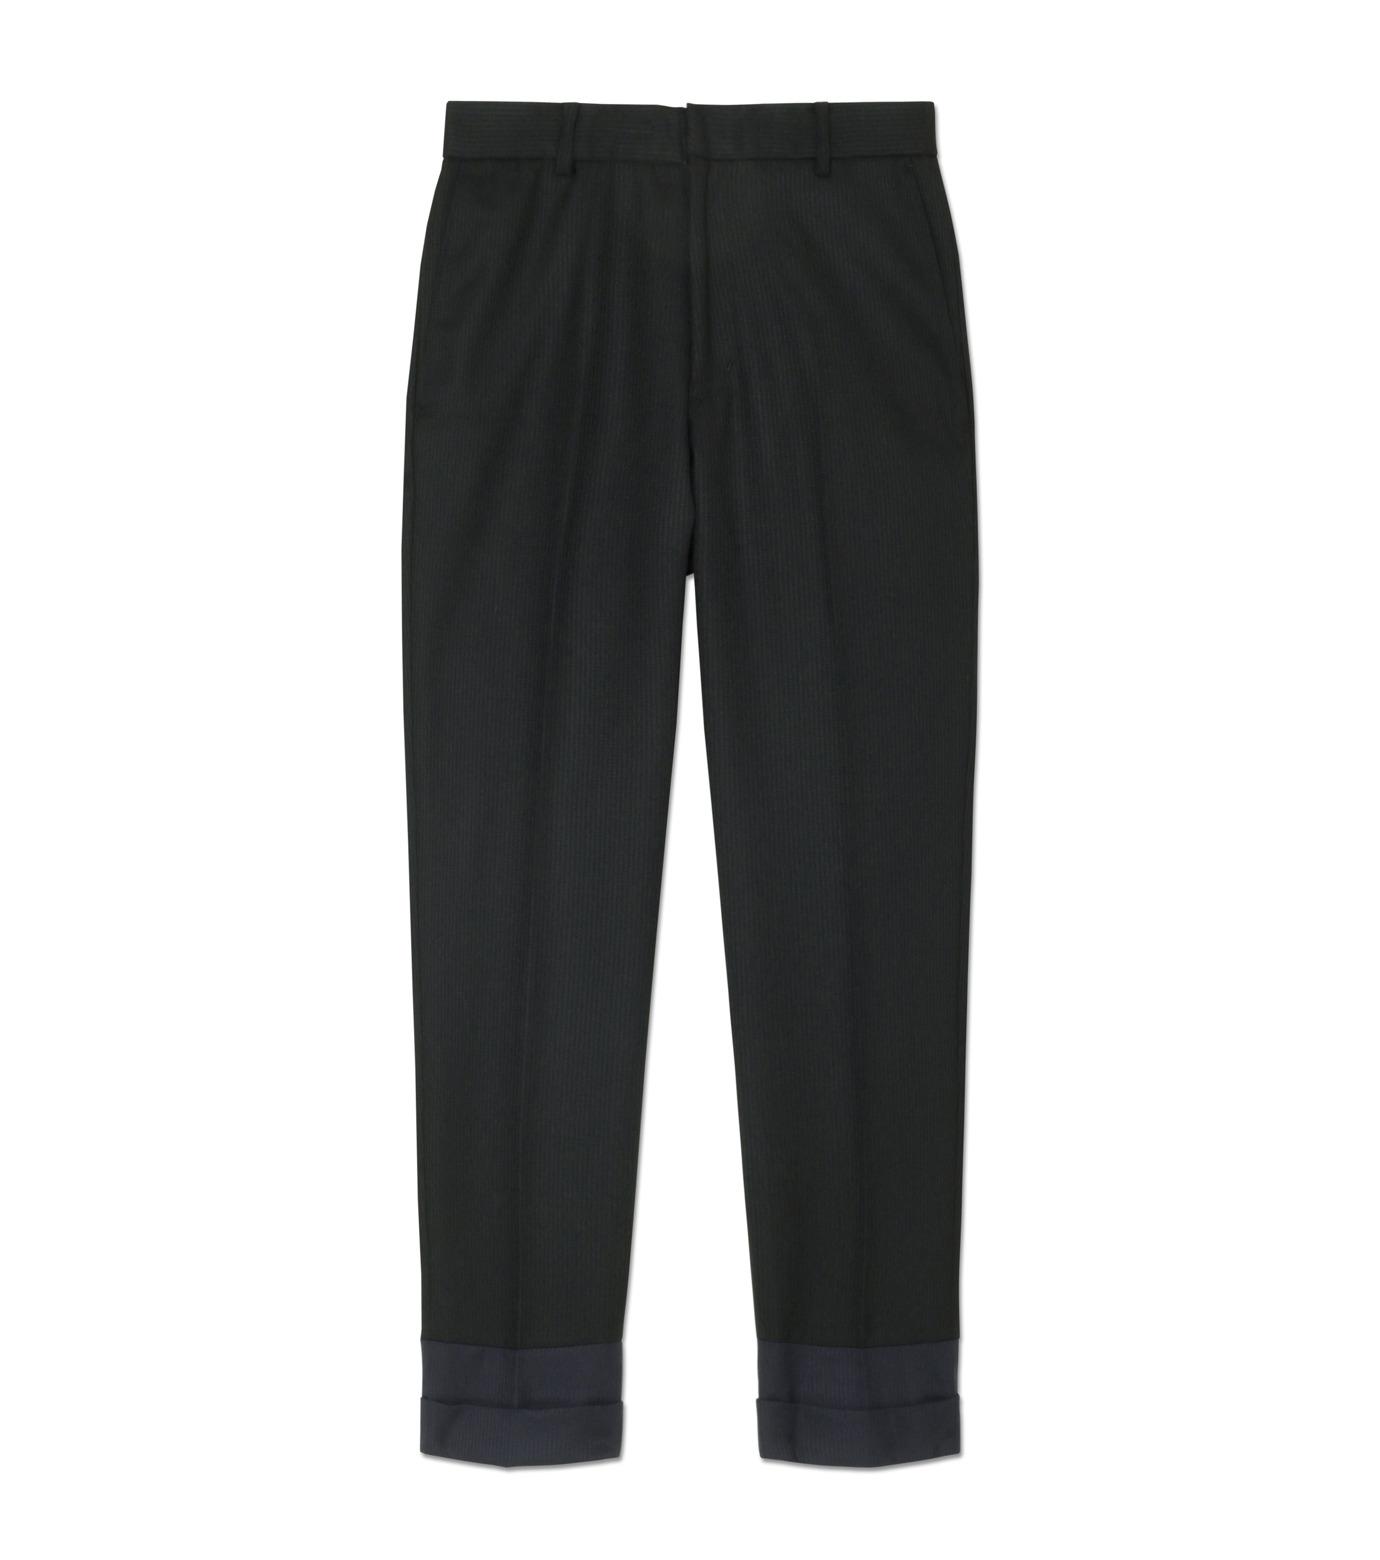 DRESSEDUNDRESSED(ドレスドアンドレスド)のContrastcolor Cropped Trousers-BLACK(パンツ/pants)-DUW16342-13 拡大詳細画像1